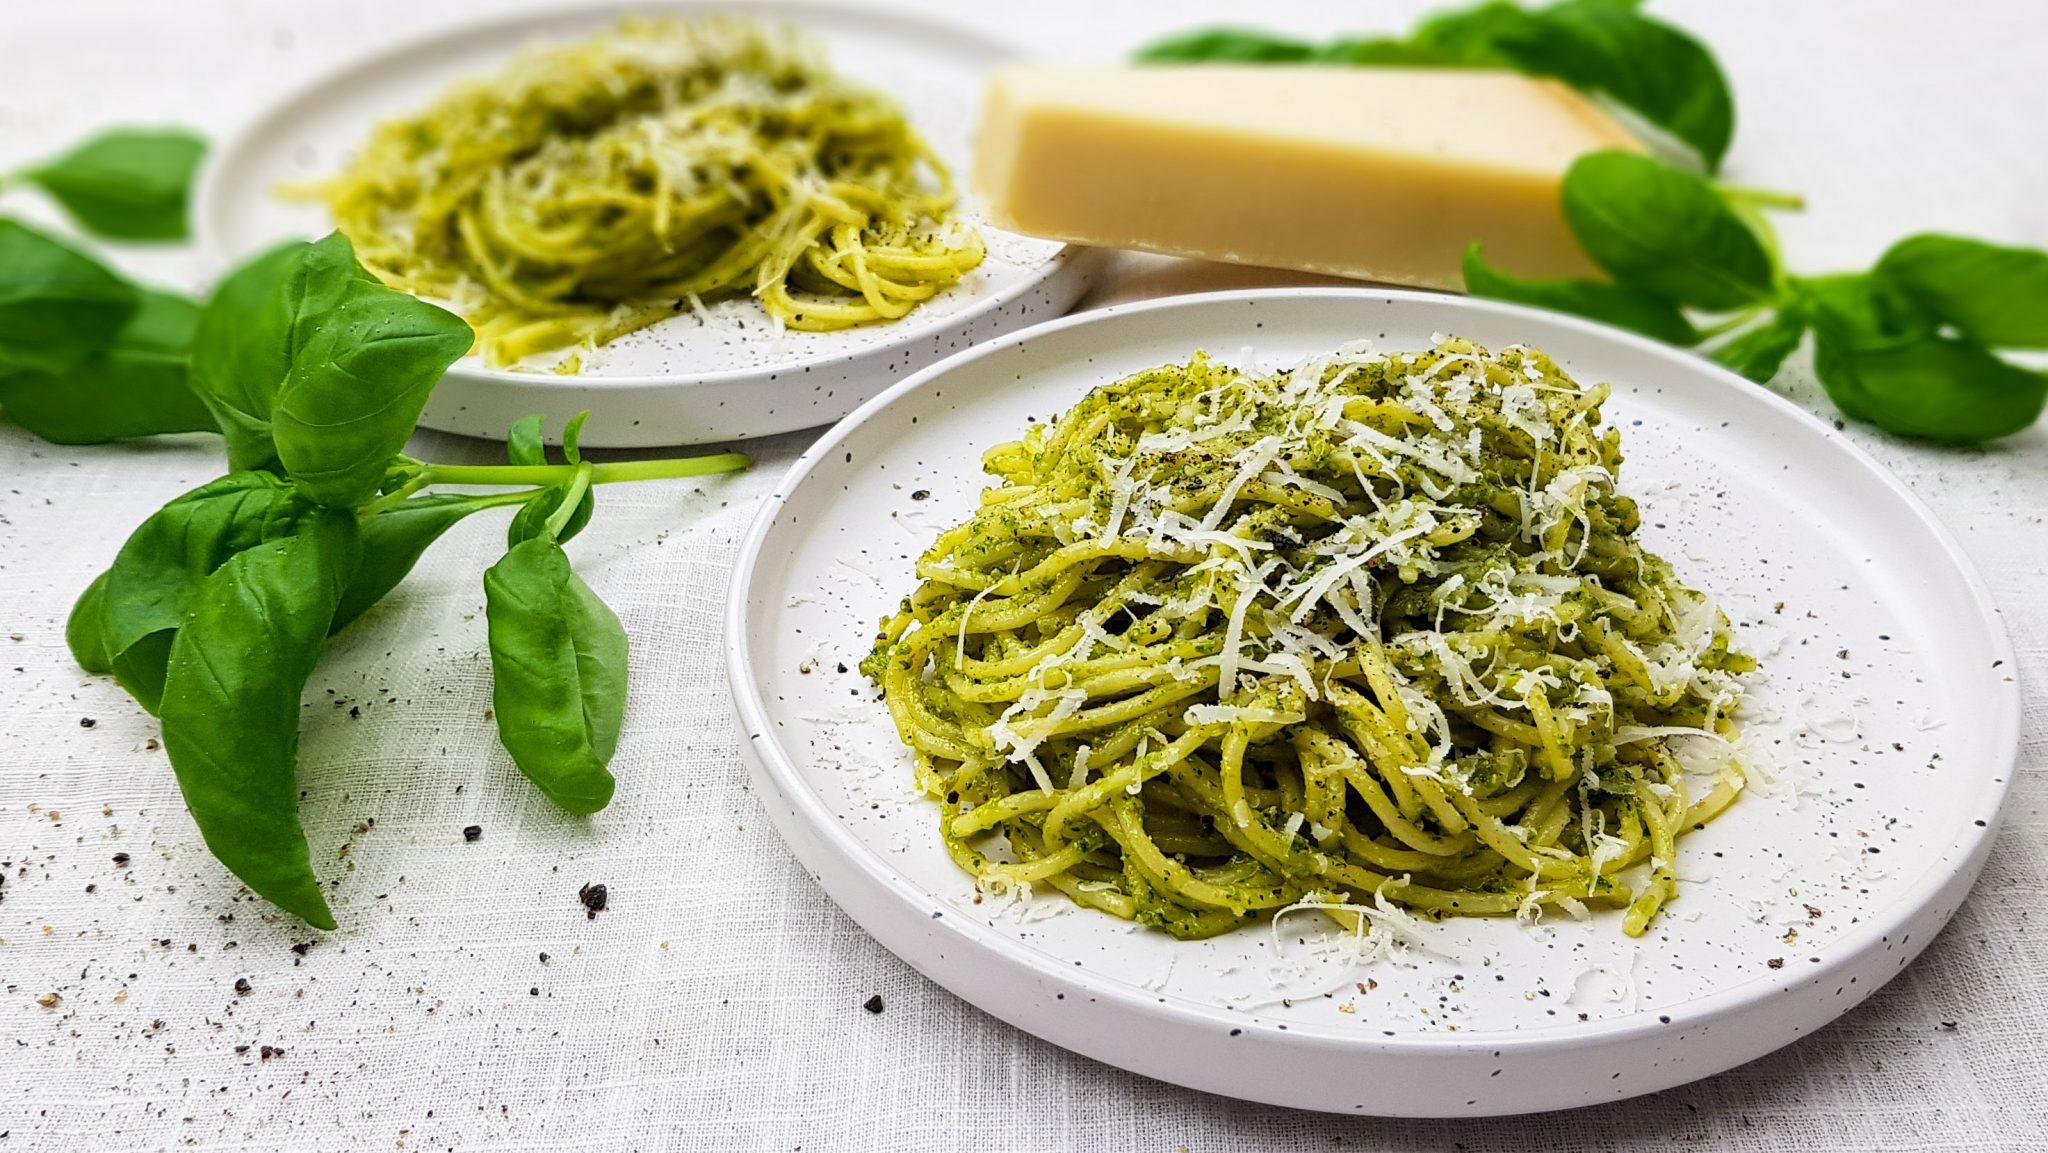 Pasta pesto verde